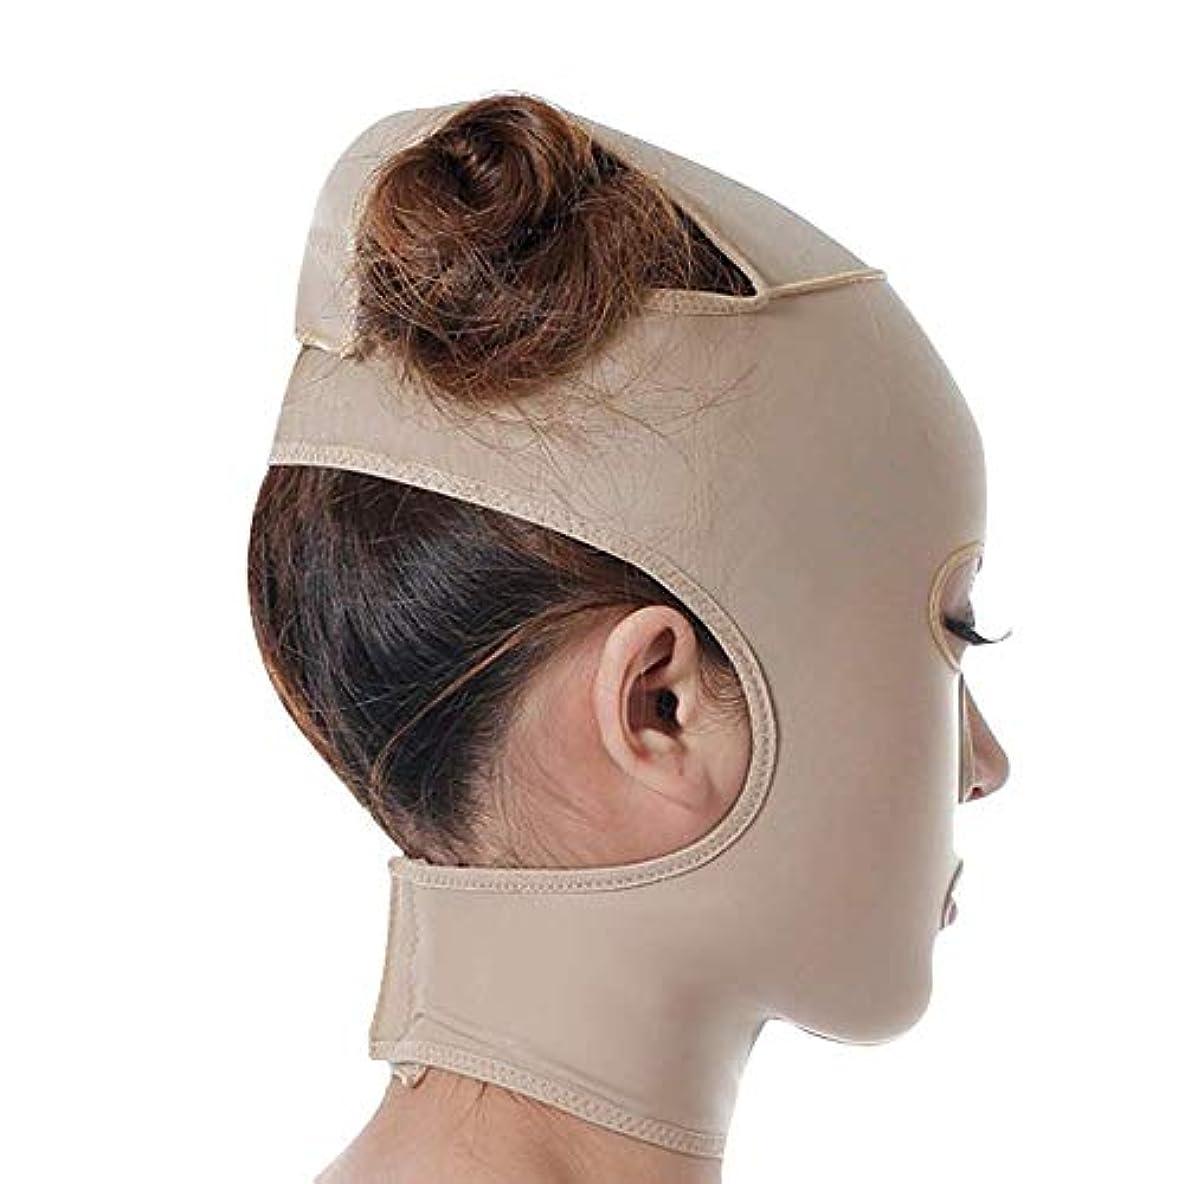 いじめっ子聴覚障害者反逆者ファーミングフェイスマスク、フェイシャルマスクビューティーメディシンフェイスマスクビューティーVフェイスバンデージラインカービングリフティングファーミングダブルチンマスク(サイズ:Xl)